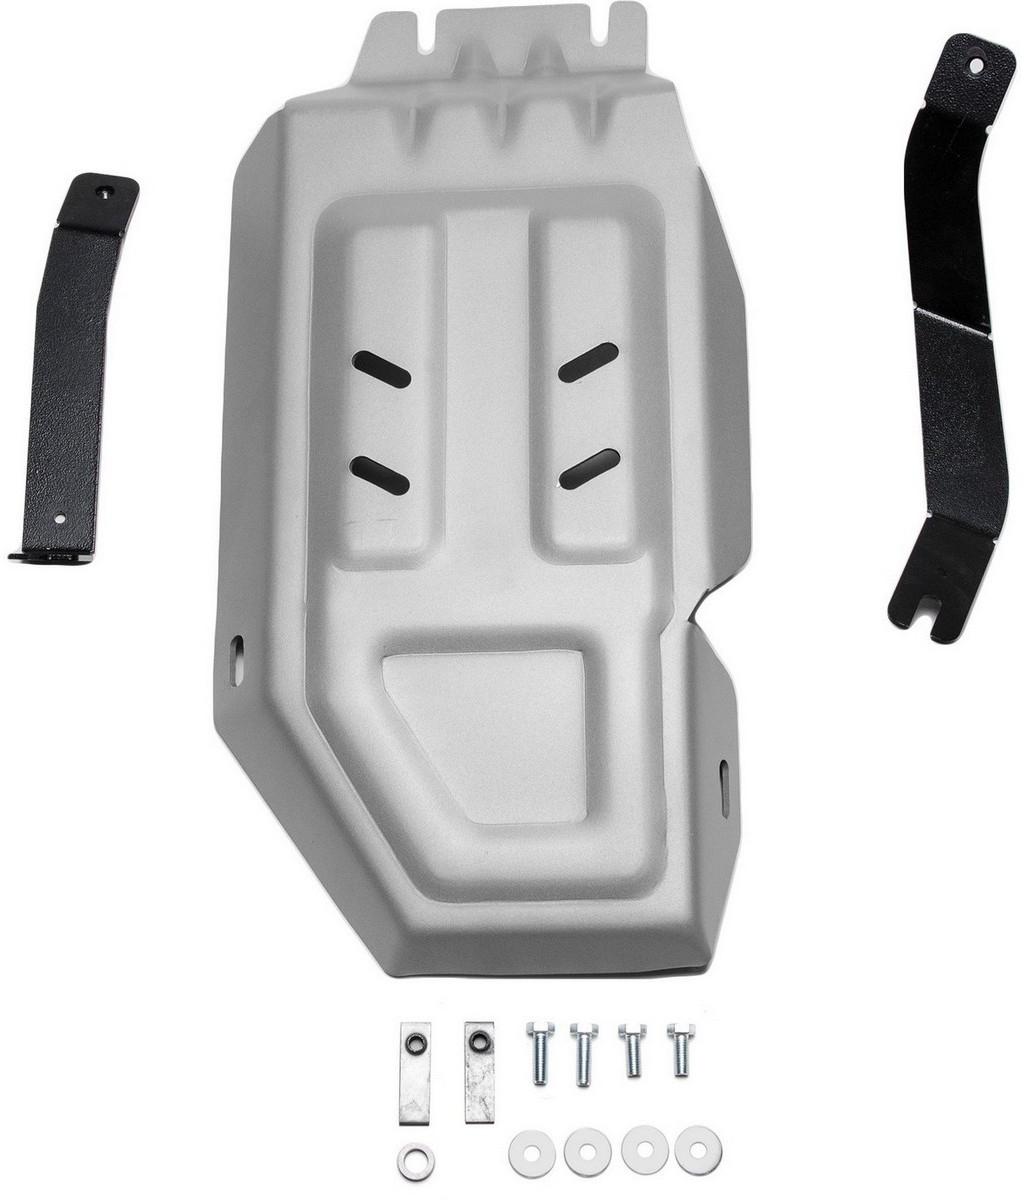 Защита редуктора Rival для Hyundai Tucson 2015- / Kia Sportage 2016-, алюминий 4 мм333.2359.1Защита редуктора Rival для Hyundai Tucson V - 1.6T(177 л.с.); 2.0; 2.0d 4WD 2015-н.в./Kia Sportage V - 1.6T(177 л.с.); 2.0; 2.0d 4WD 2016-н.в., алюминий 4 мм, крепеж в комплекте, 333.2359.1Алюминиевые защиты Rival надежно защищают днище вашего автомобиля от повреждений, например при наезде на бордюры, а также выполняют эстетическую функцию при установке на высокие автомобили.- Толщина алюминиевых защит в 2 раза толще стальных, а вес при этом меньше до 30%.- Отлично отводит тепло от двигателя своей поверхностью, что спасает двигатель от перегрева в летний период или при высоких нагрузках.- В отличие от стальных, алюминиевые защиты не поддаются коррозии, что гарантирует срок службы защит более 5 лет.- Покрываются порошковой краской, что надолго сохраняет первоначальный вид новой защиты и защищает от гальванической коррозии.- Глубокий штамп дополнительно усиливает конструкцию защиты.- Подштамповка в местах крепления защищает крепеж от срезания.- Технологические отверстия там, где они необходимы для смены масла и слива воды, оборудованные заглушками, надежно закрепленными на защите.- Помимо основной функции защиты от удара, конструкция так же существенно снижает попадание в моторный отсек влаги и грязи.В комплекте инструкция по установке.Уважаемые клиенты!Обращаем ваше внимание, на тот факт, что защита имеет форму, соответствующую модели данного автомобиля. Наличие глубокого штампа и лючков для смены фильтров/масла предусмотрено не на всех защитах. Фото служит для визуального восприятия товара.